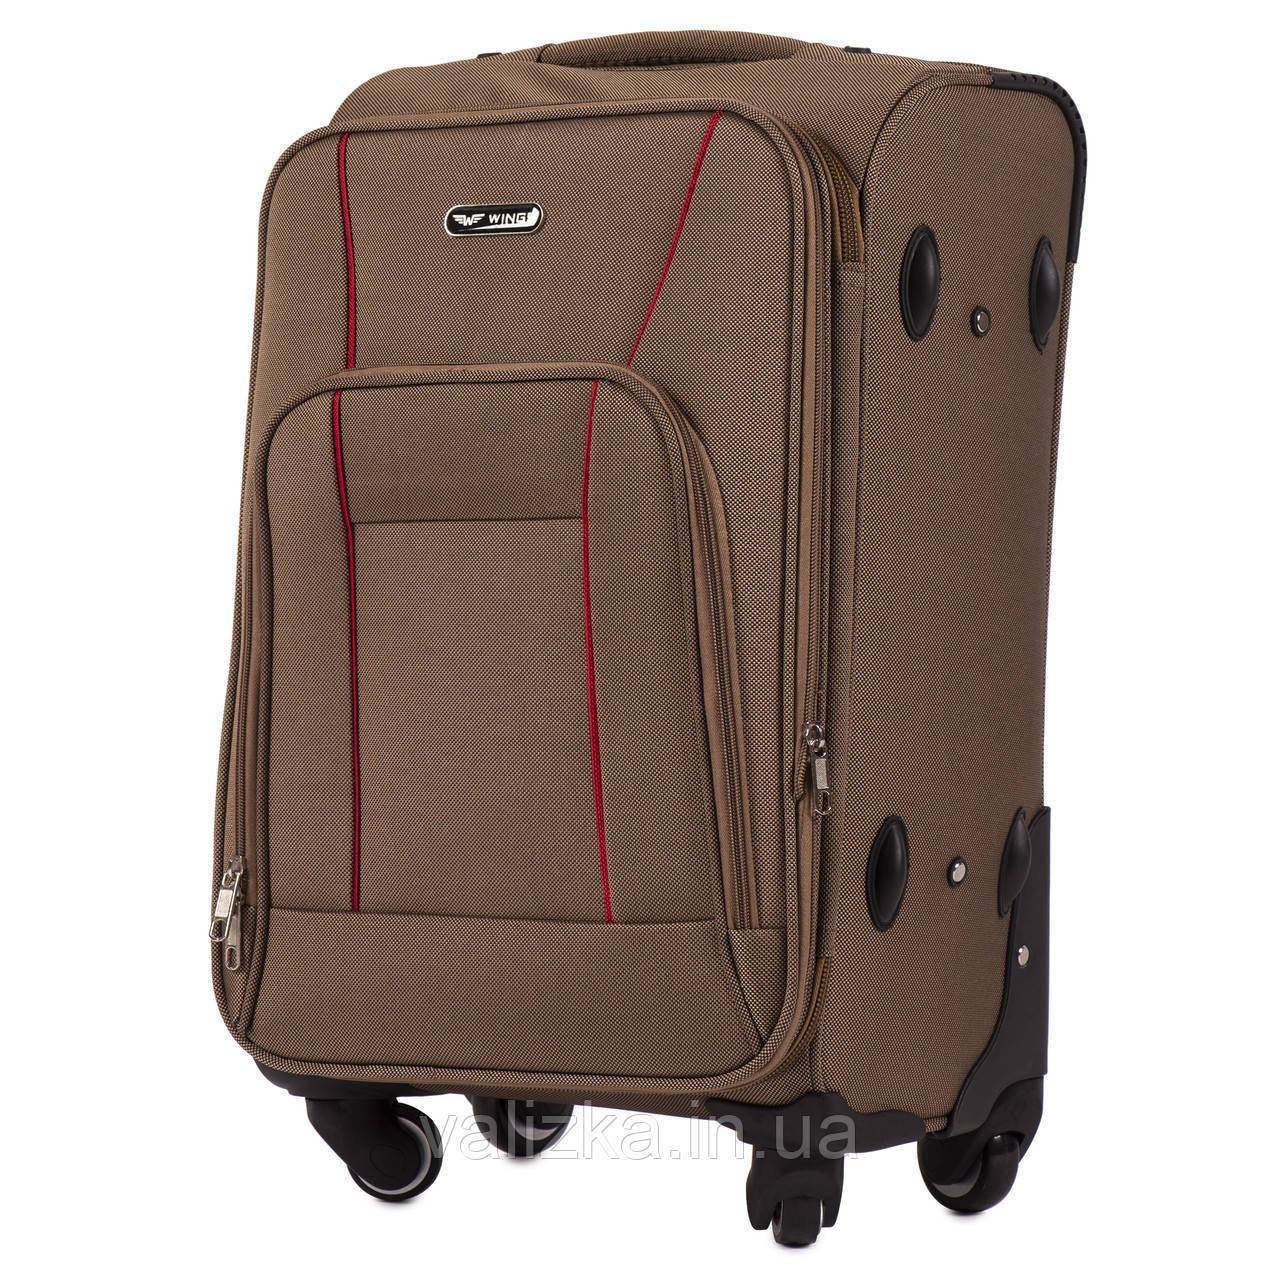 Маленький текстильний валізу на 4-х колесах для ручної поклажі з розширювачем коричневий Польща